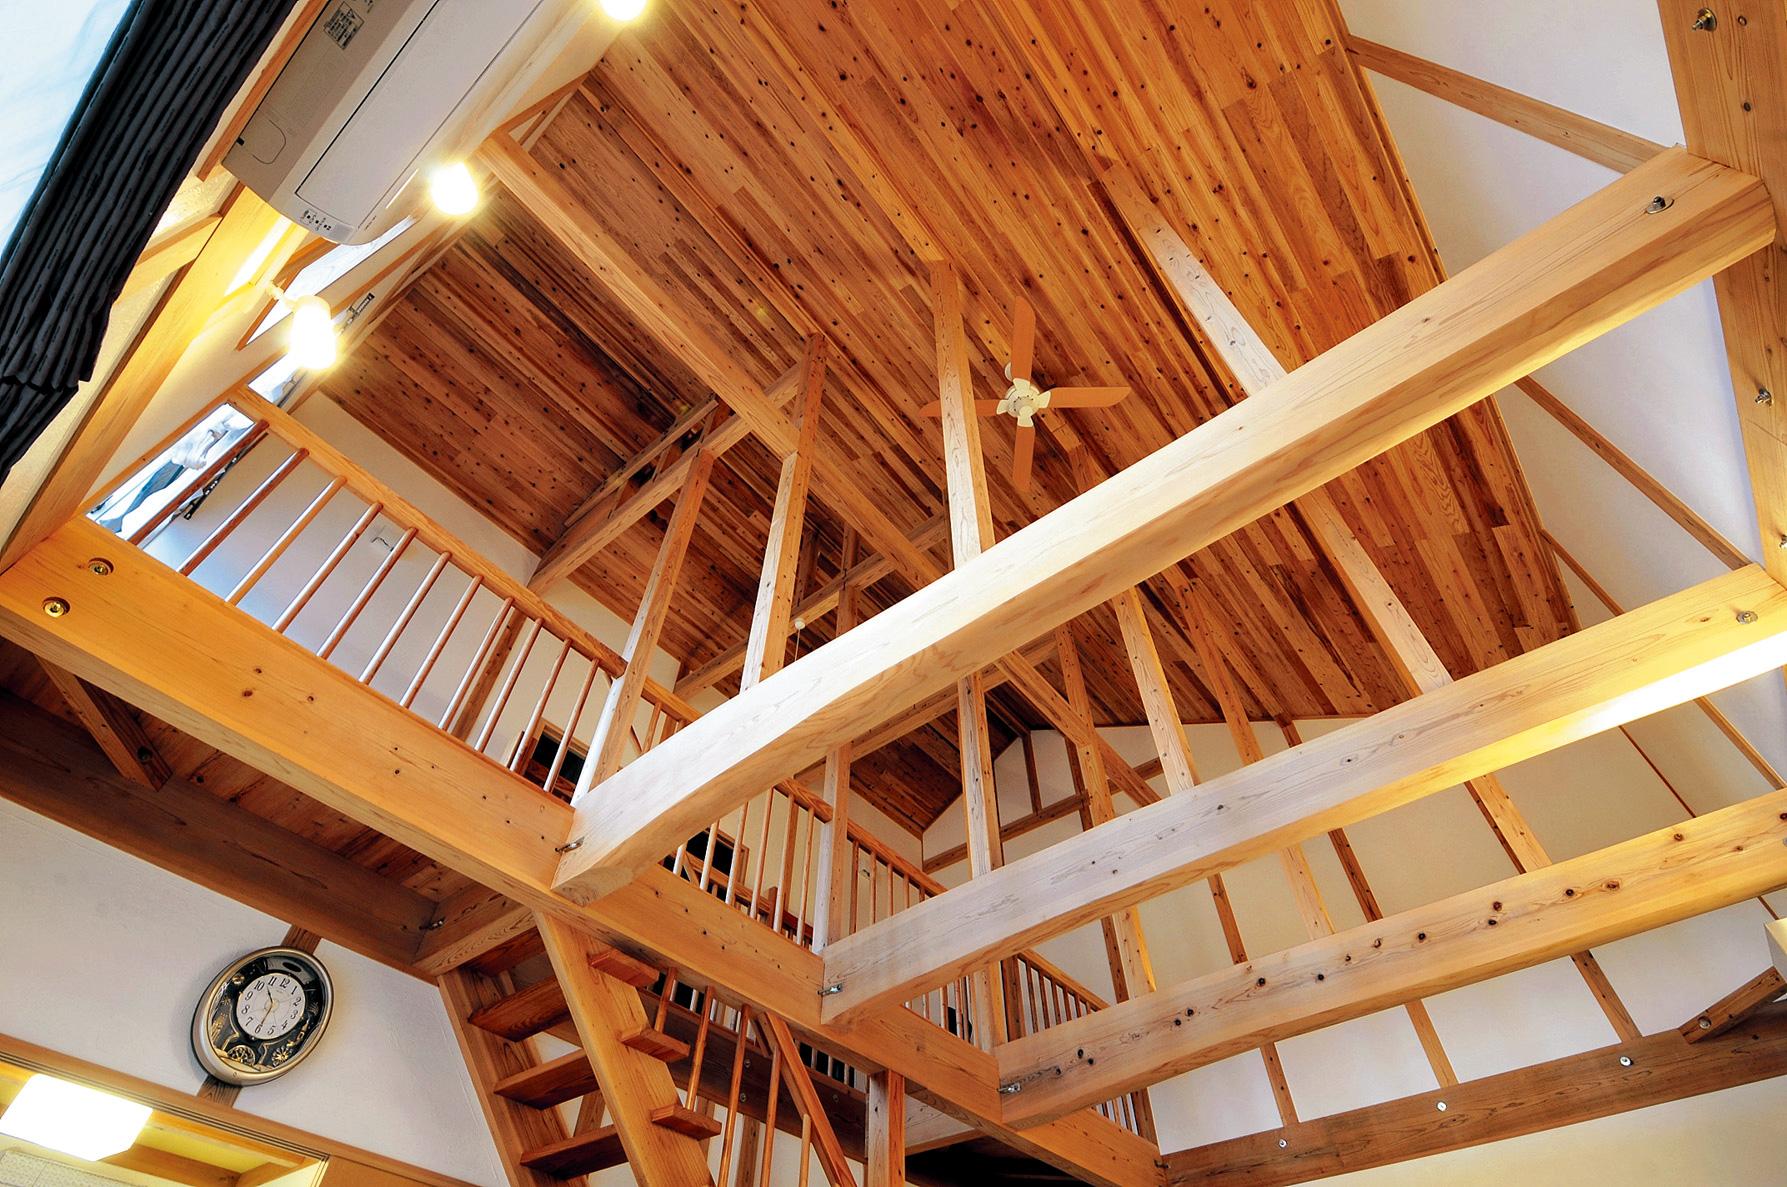 吹き抜けに見せた梁は空間を個性づけるデザインの役割も。立派な杉の一枚板をはじめ木材をふんだんに生かした造りは、製材も行う同社ならでは